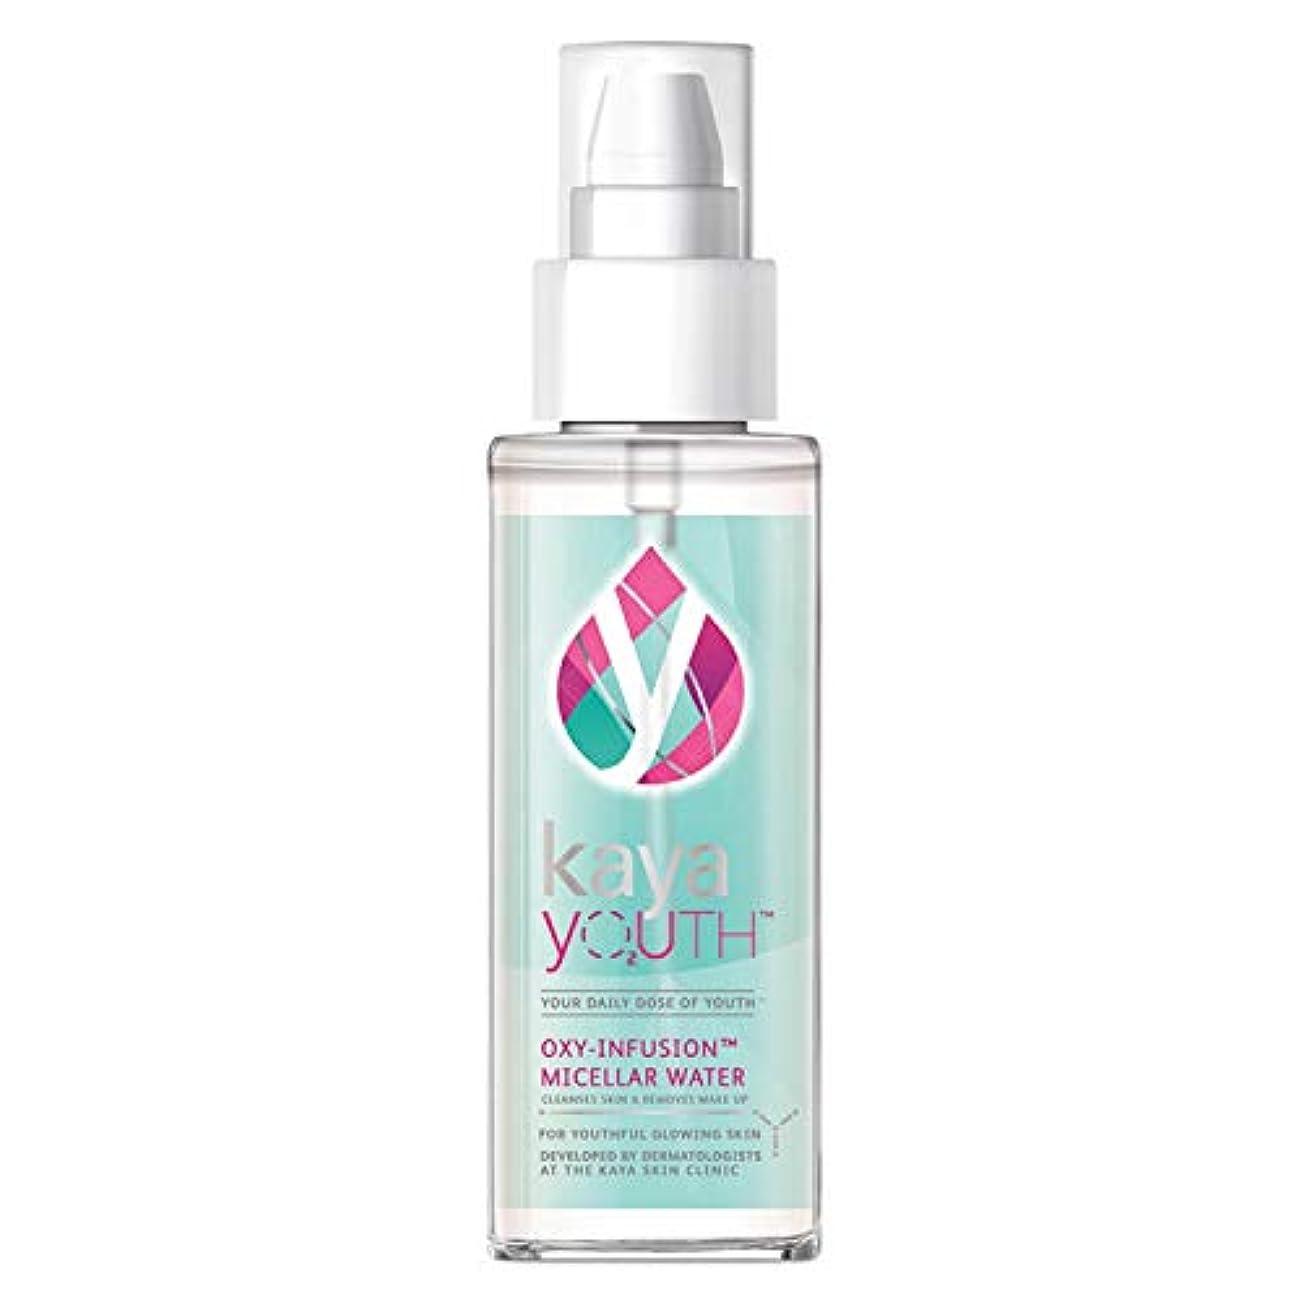 バス富名誉Kaya Youth O2 Oxy-Infusion Micellar Water, 100 ml - India